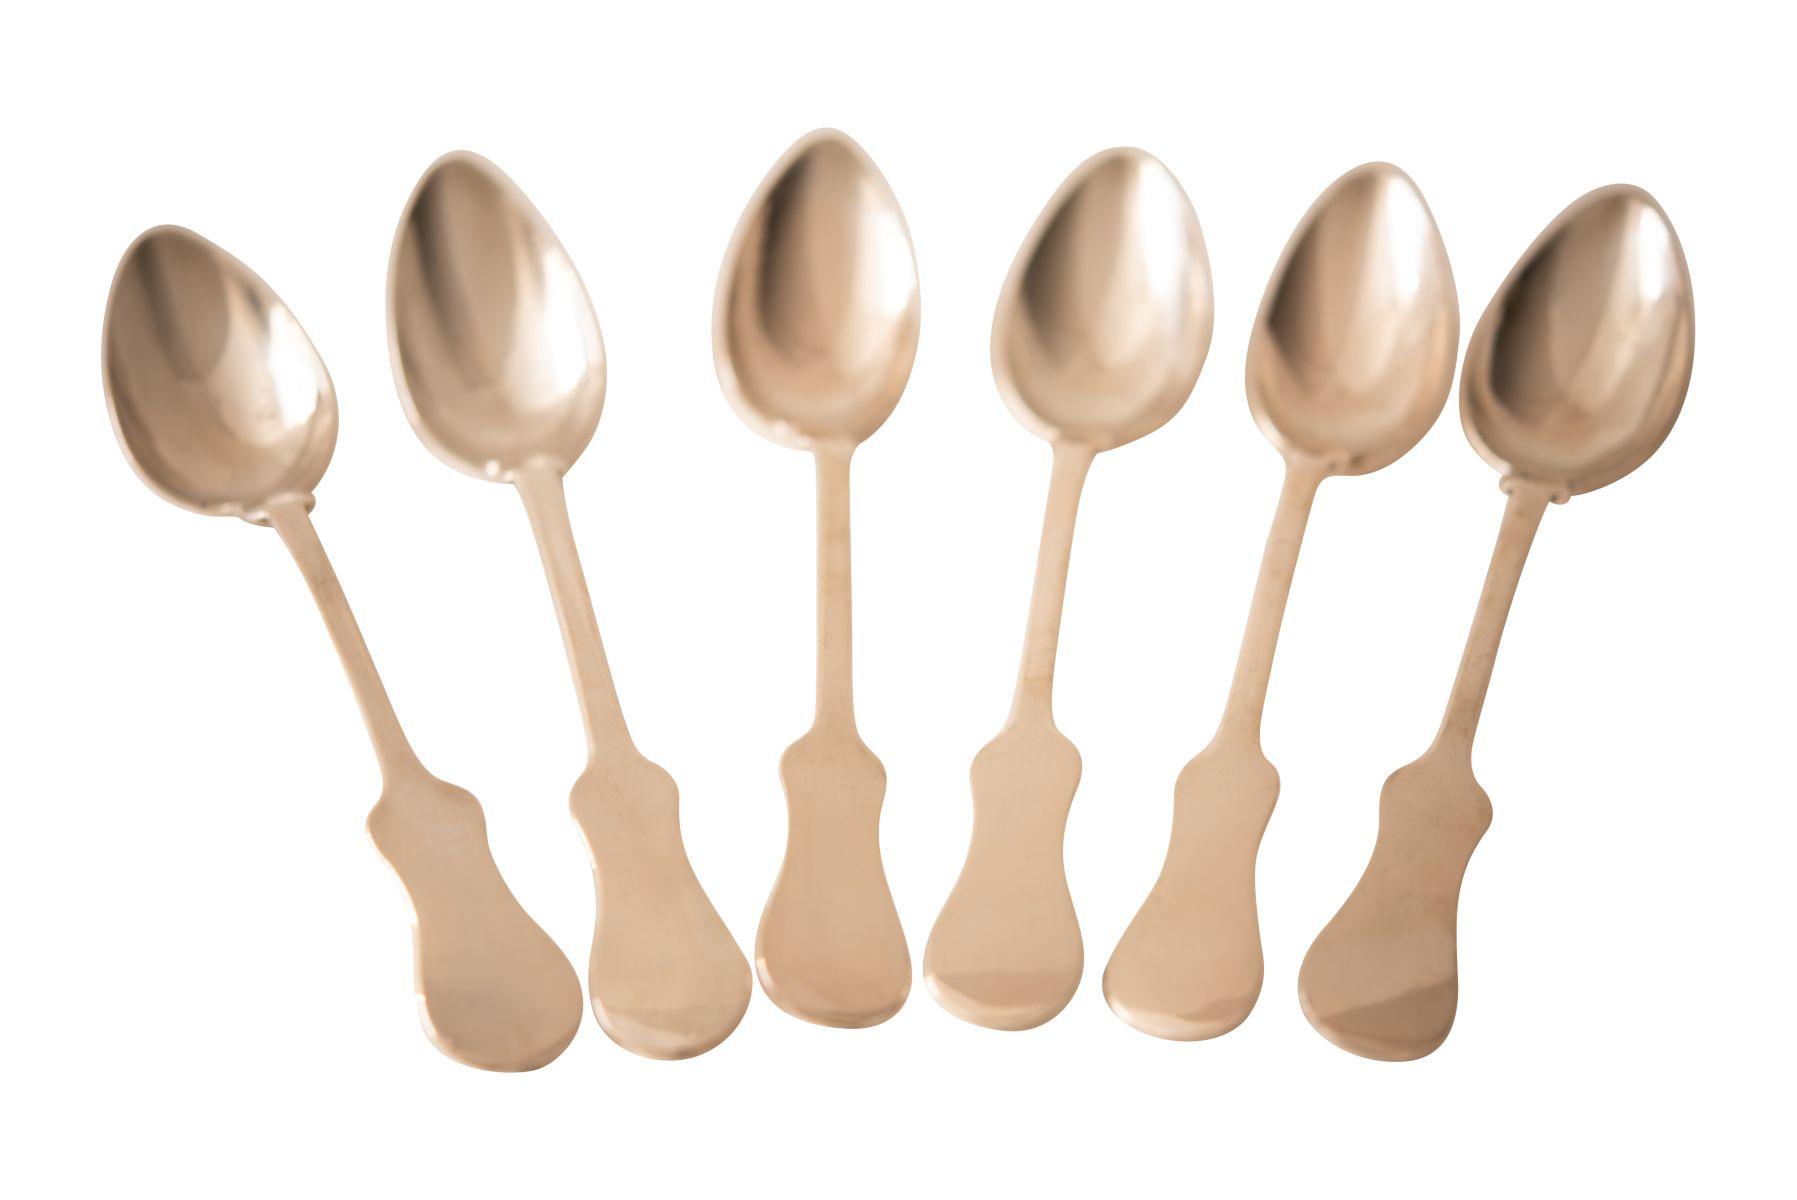 #228 6 Table Spoons   6 Tafellöffel Image